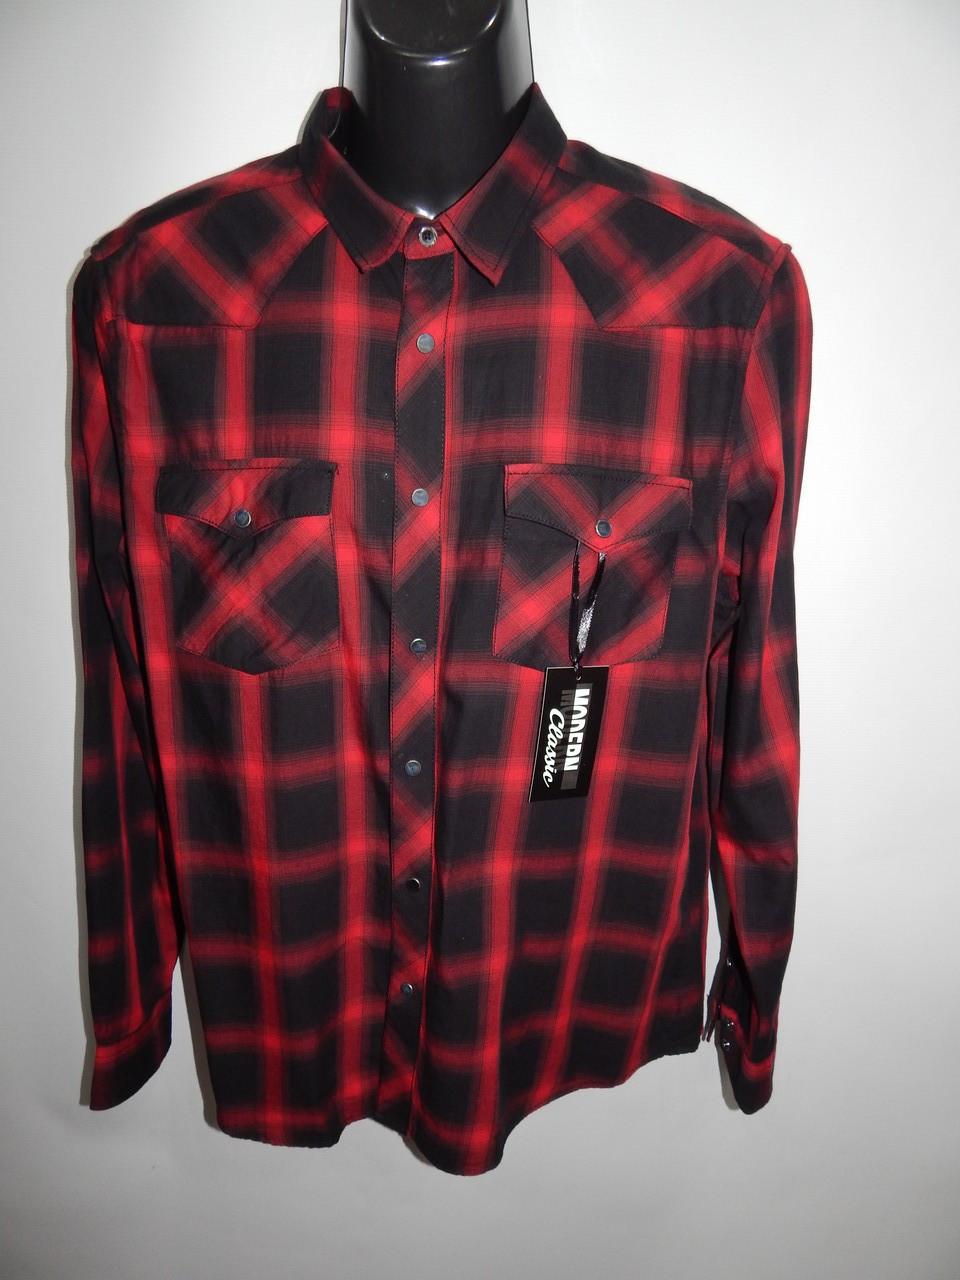 Мужская рубашка с длинным рукавом Clockhouse 067ДР р.52